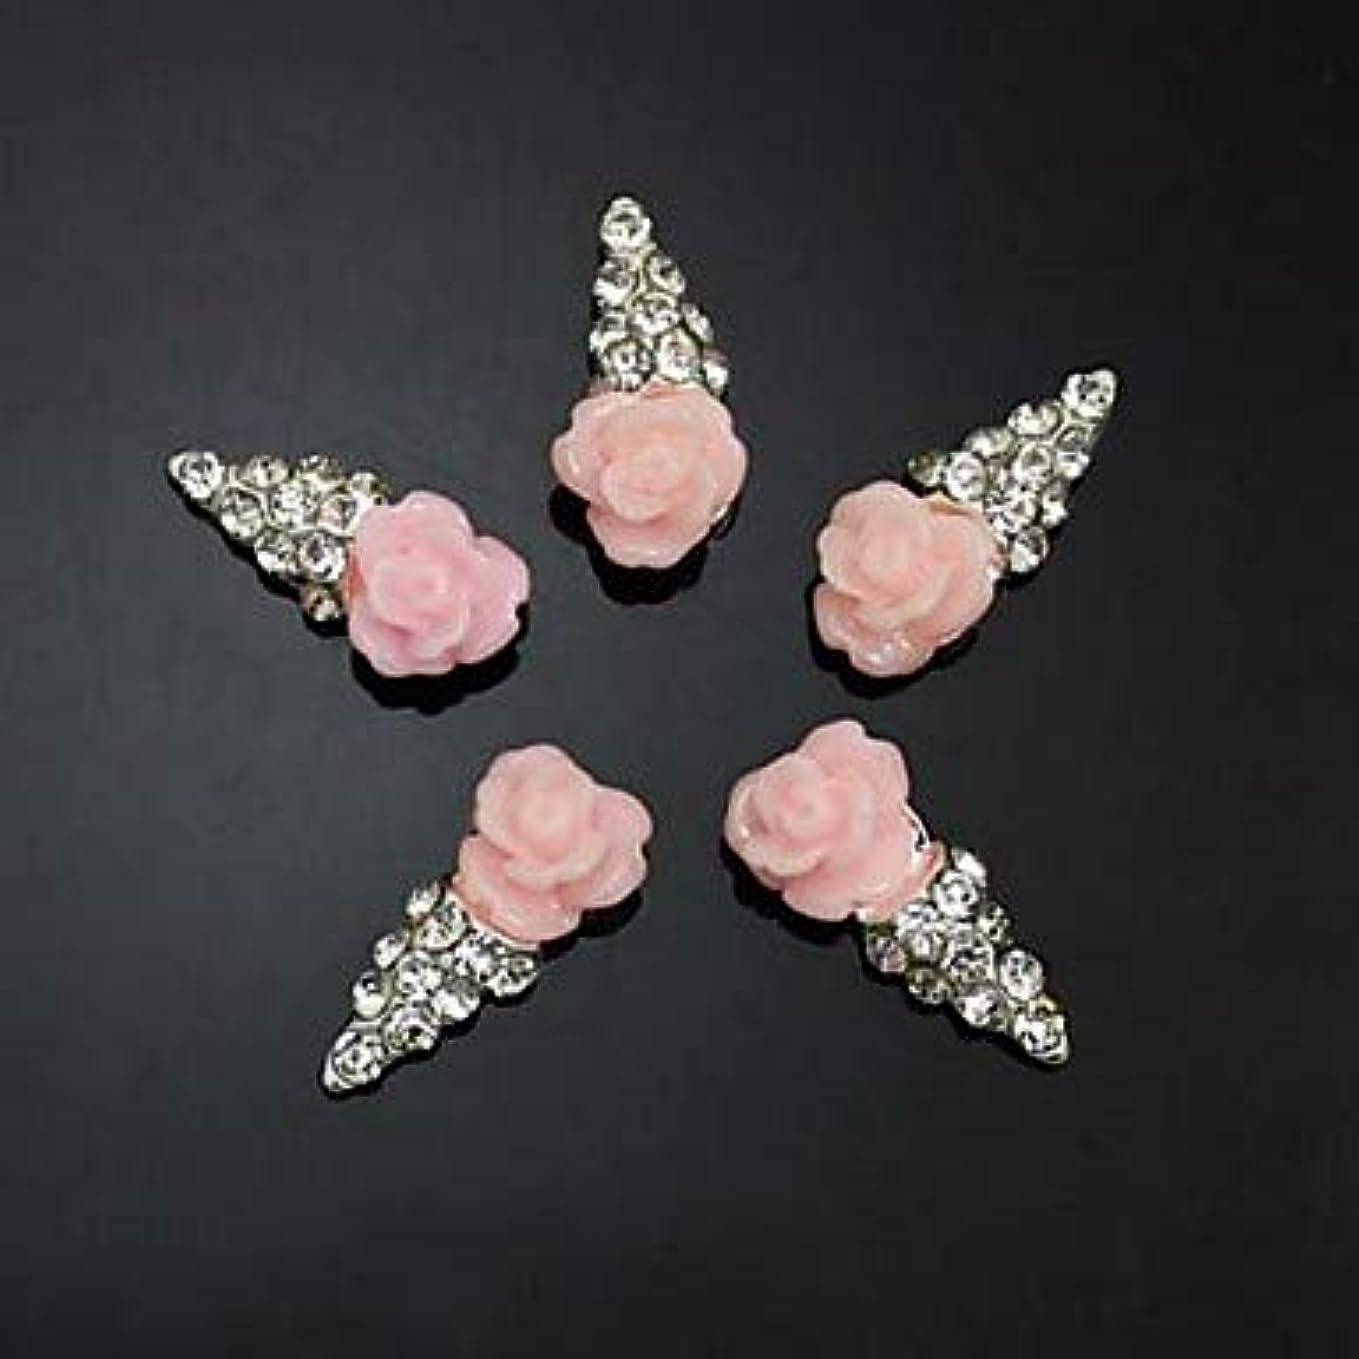 暗くする小道具手当10ピースピンクの花の形のアイスクリーム3dラインストーンdiyアクセサリーネイルアートデコレーション